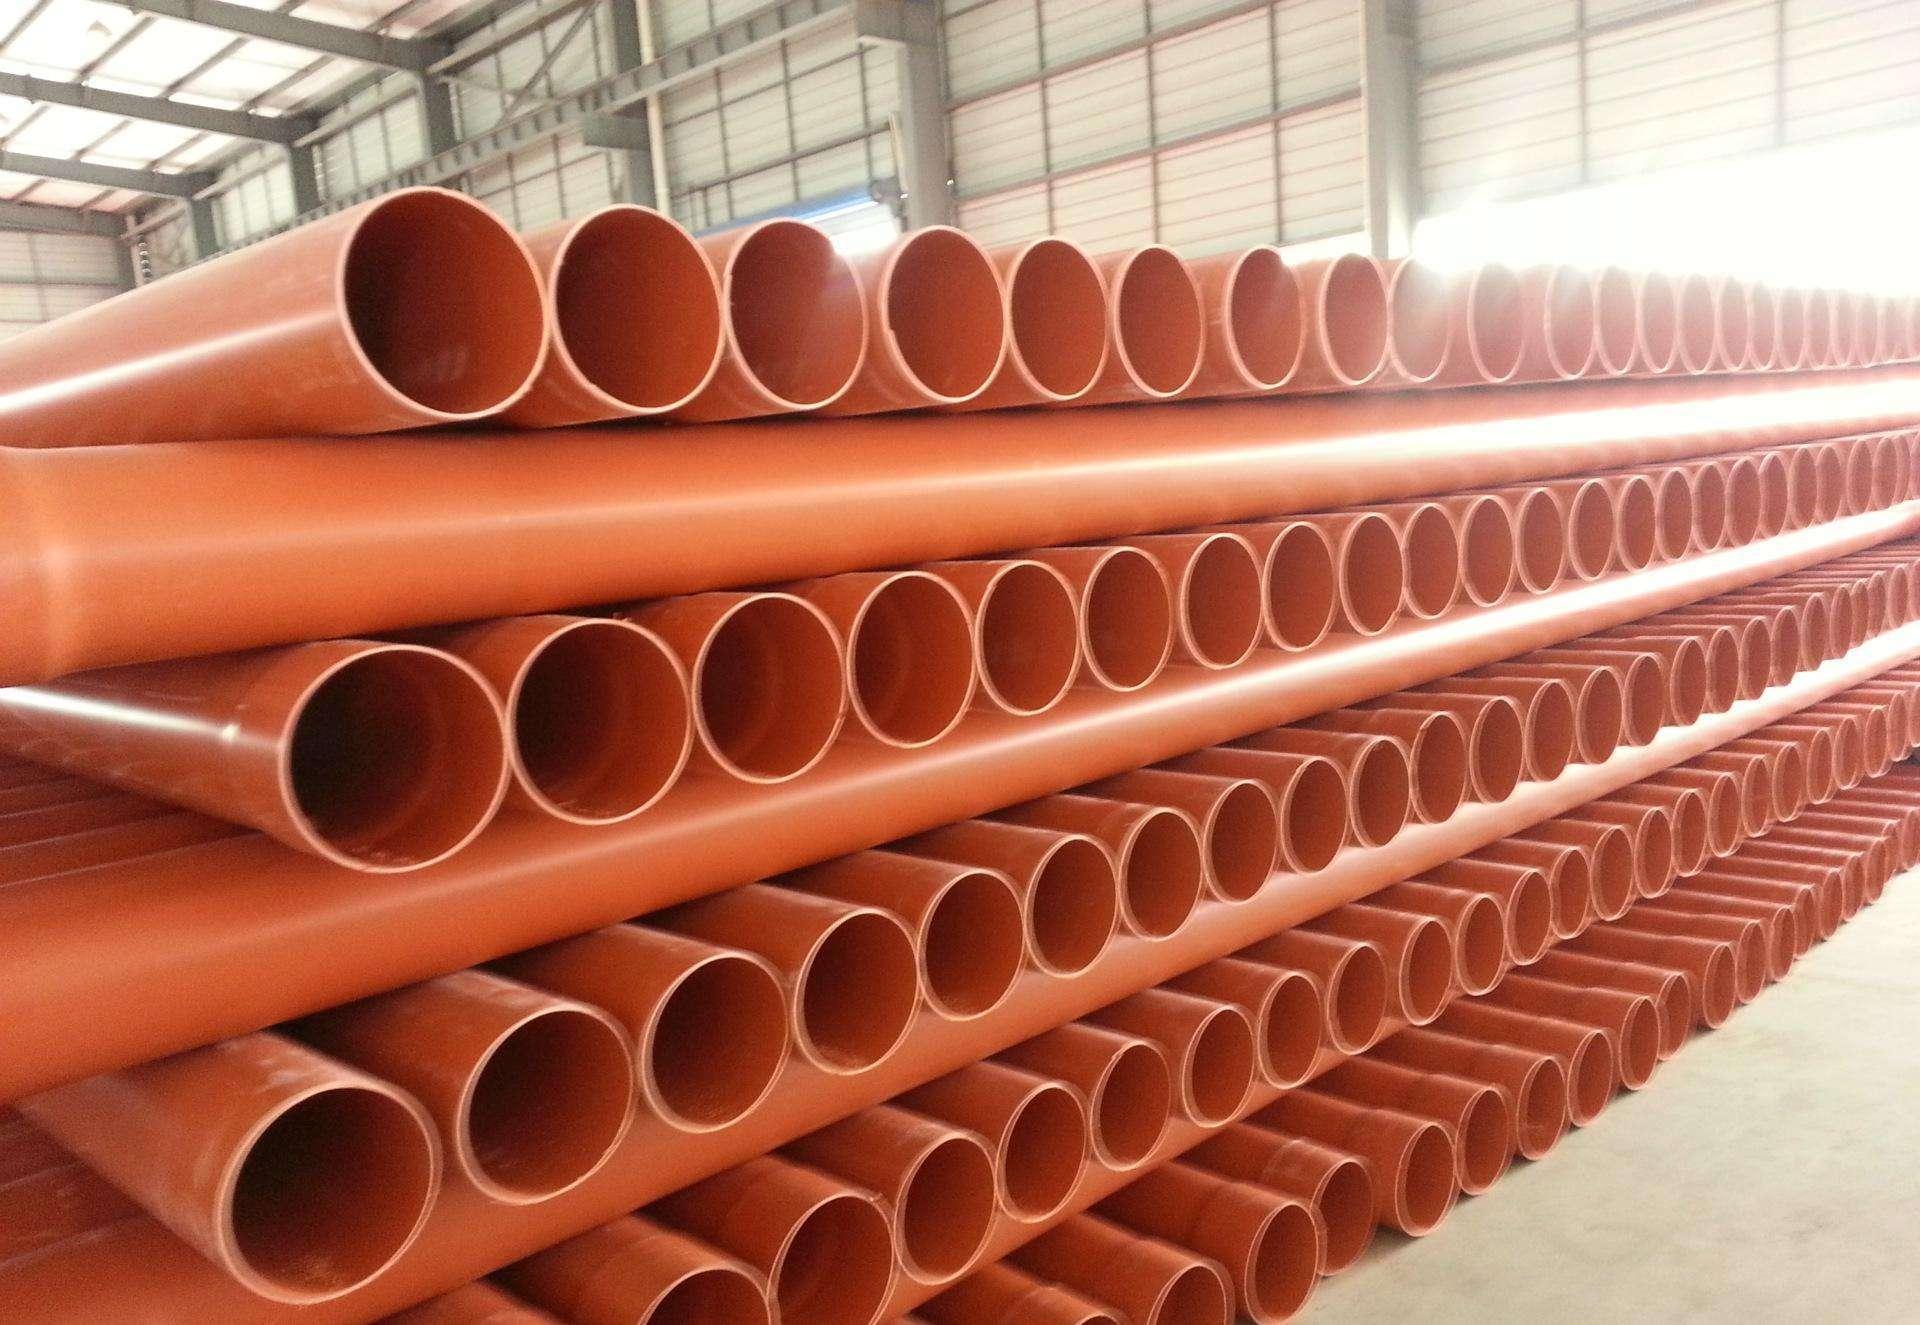 2020年塑料管道占有率将增长,行业亦需促进产业优化升级